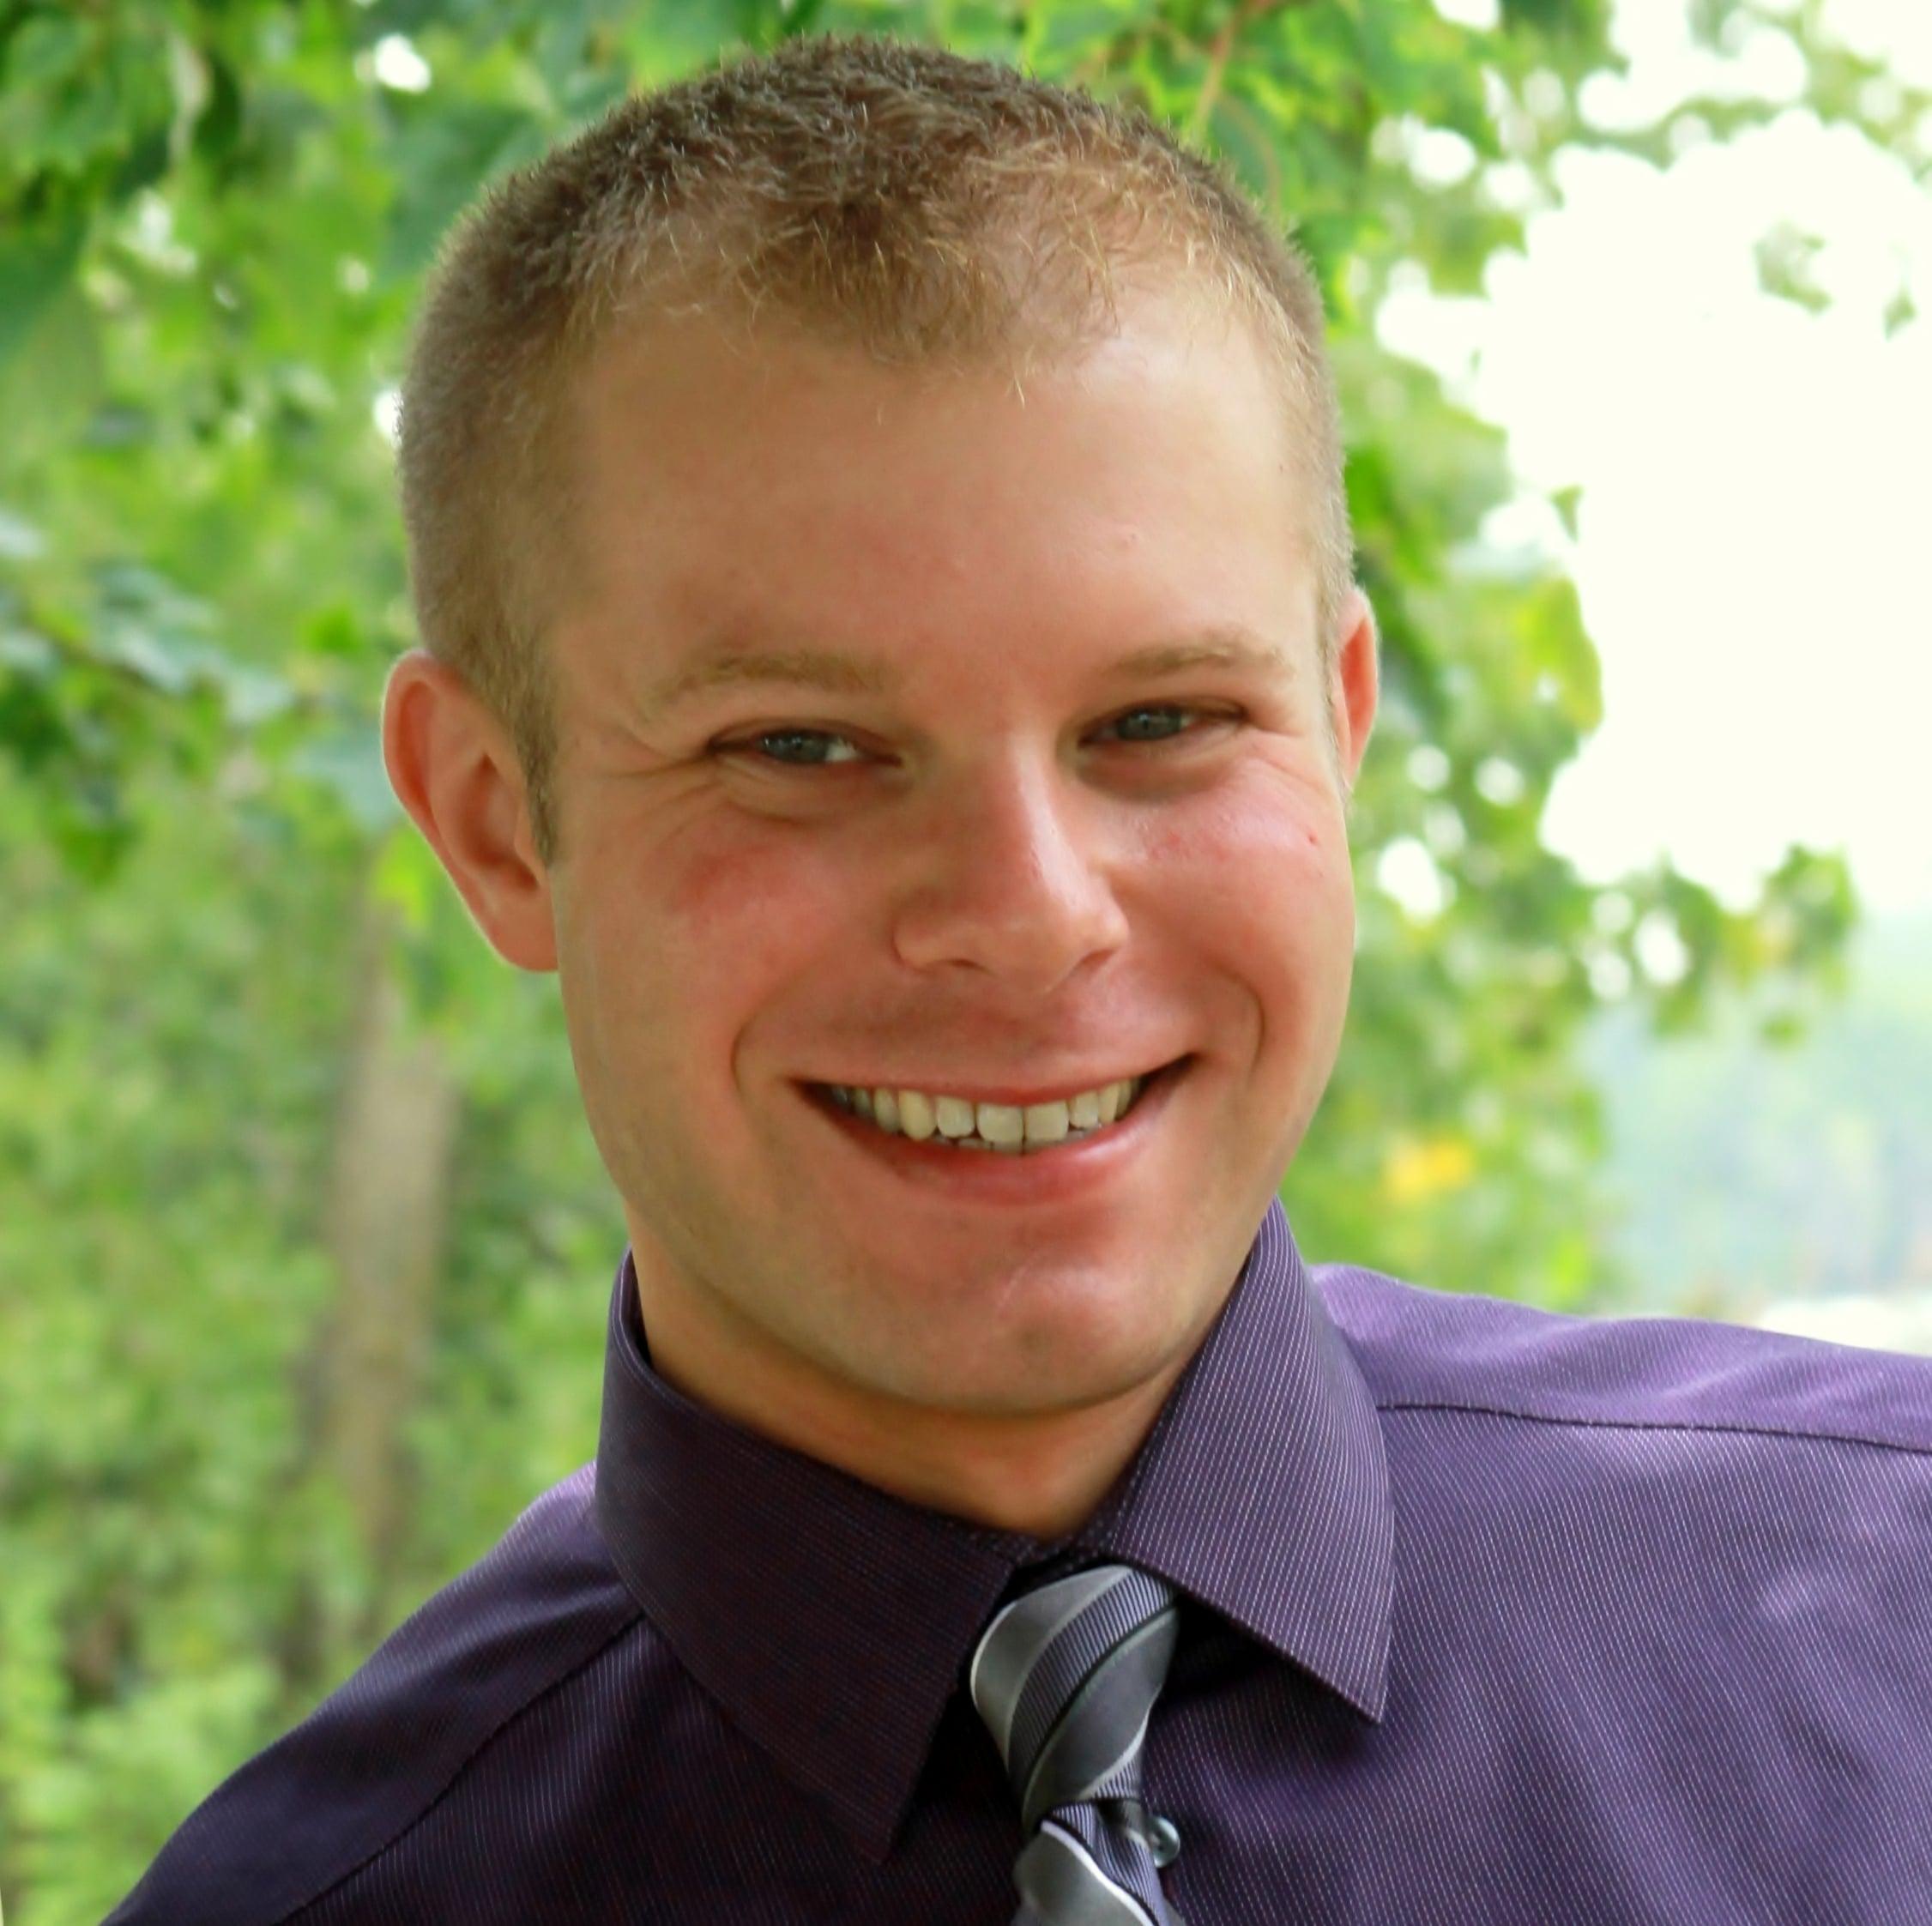 Brandon Lyon